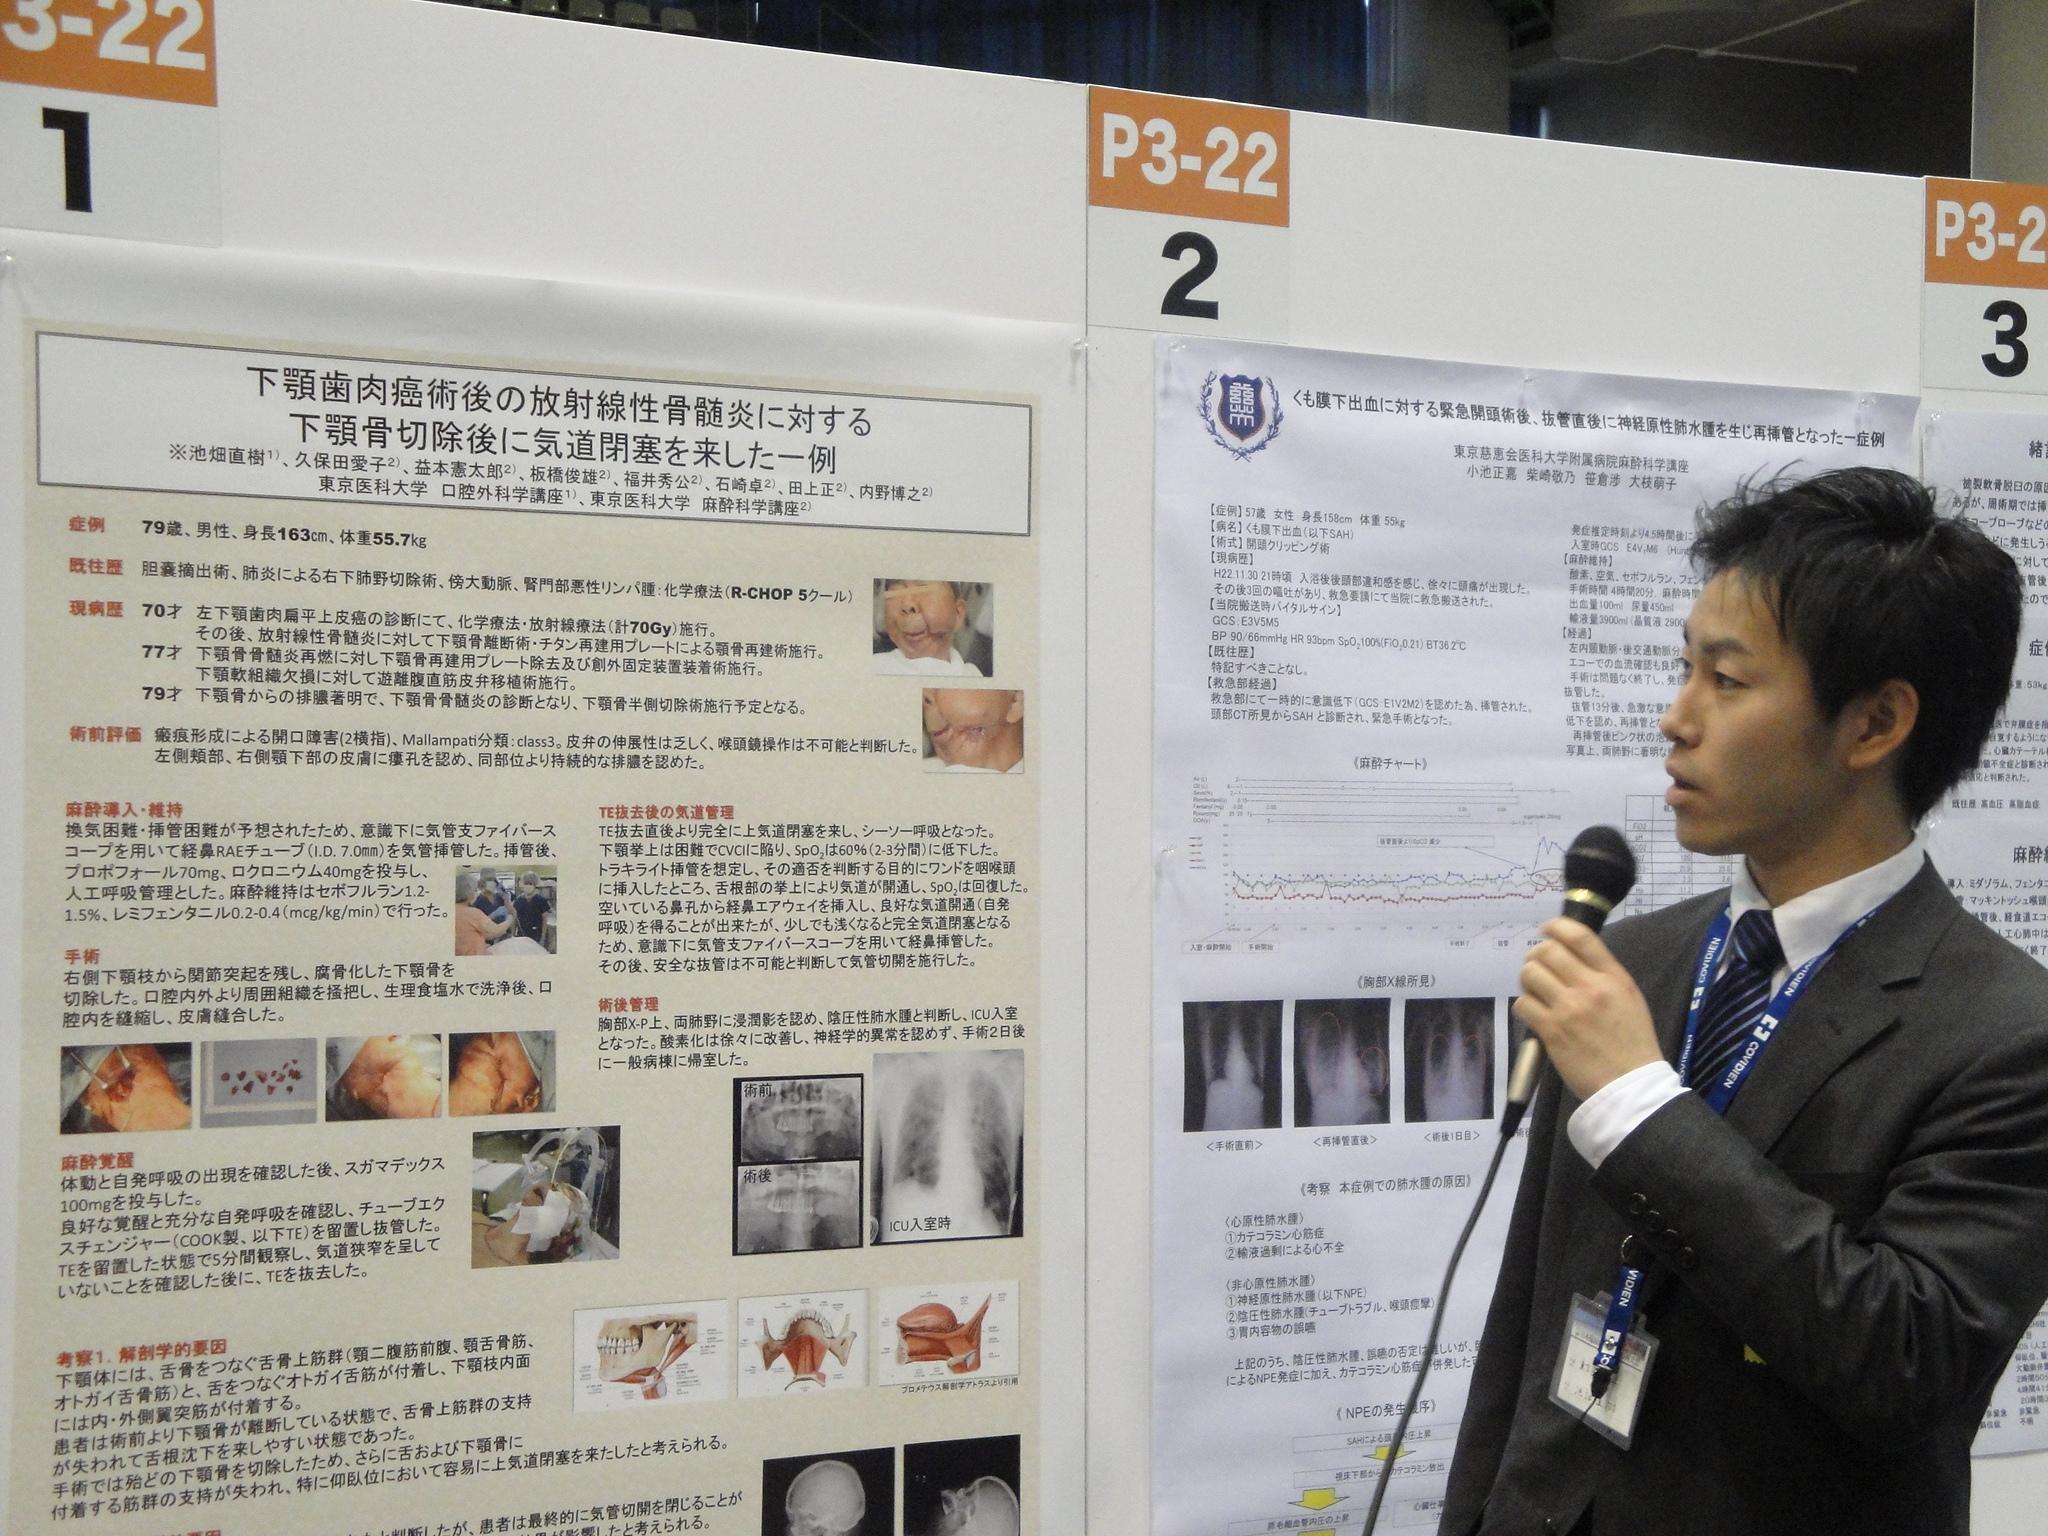 下額骨切除後の気道閉塞についての発表でした。